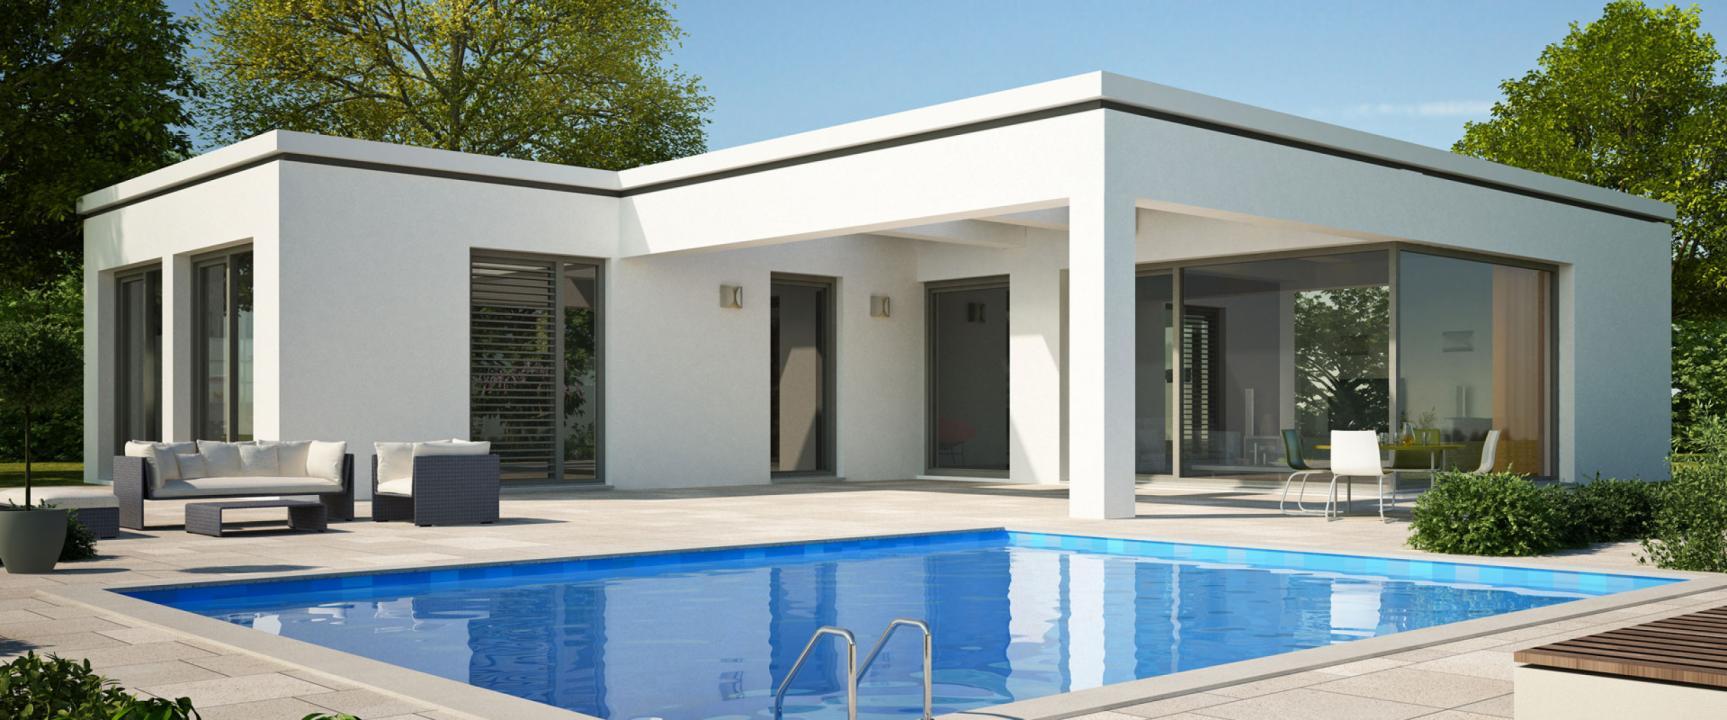 Acheter Une Maison De Plain Pied 221720582004 L 191320203405/ Gamme Garden